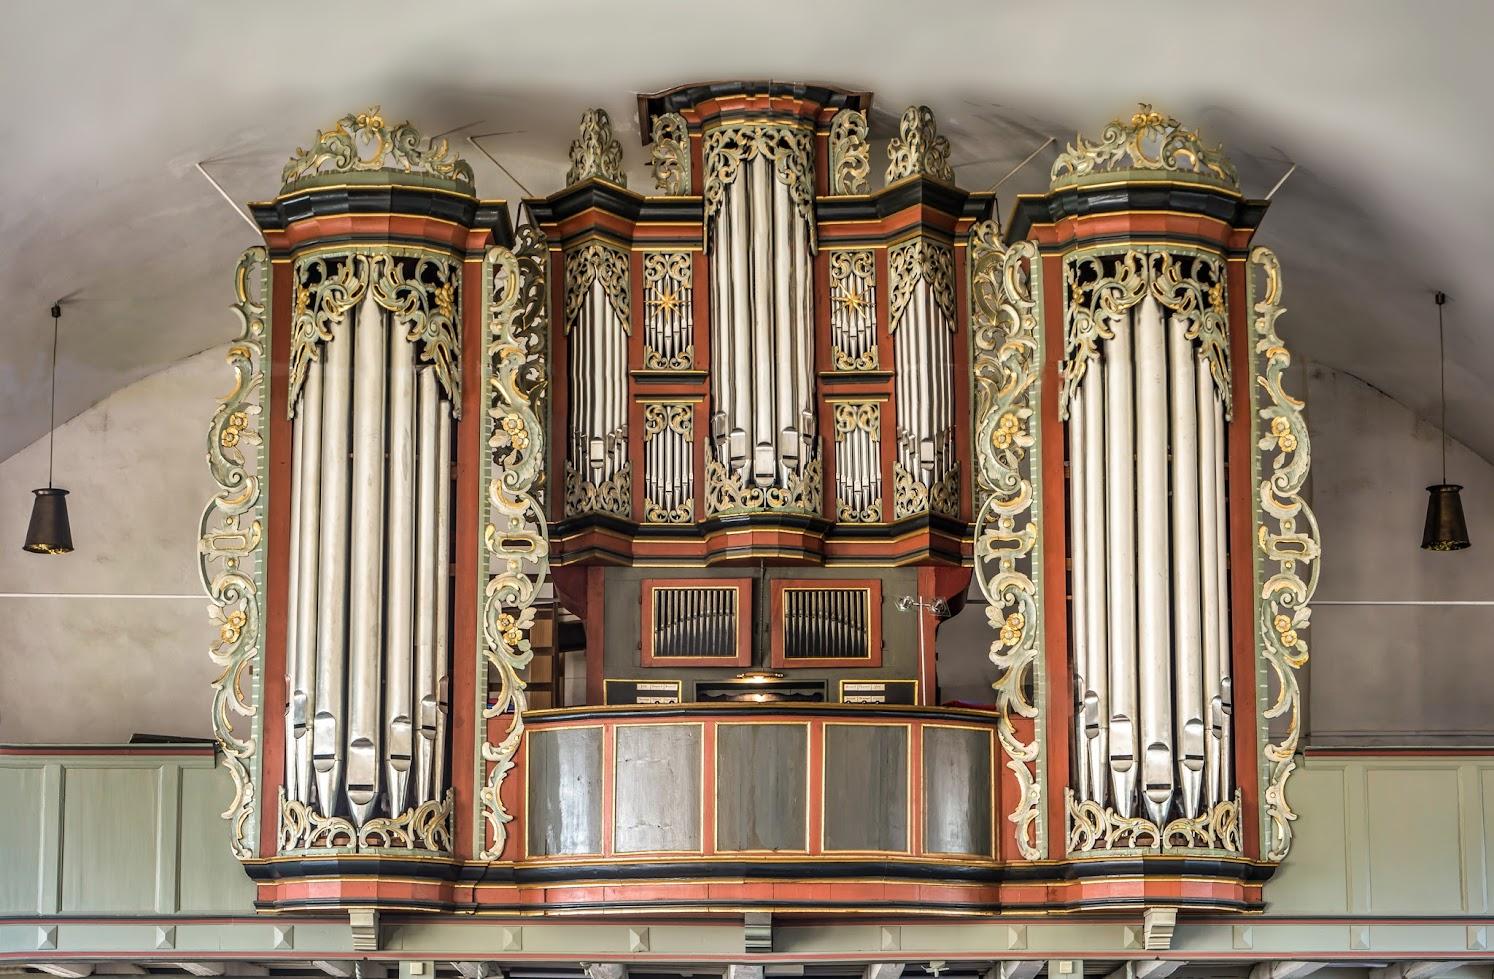 Erasmus-Bielfeldt-Orgel in Osterholz-Scharmbeck